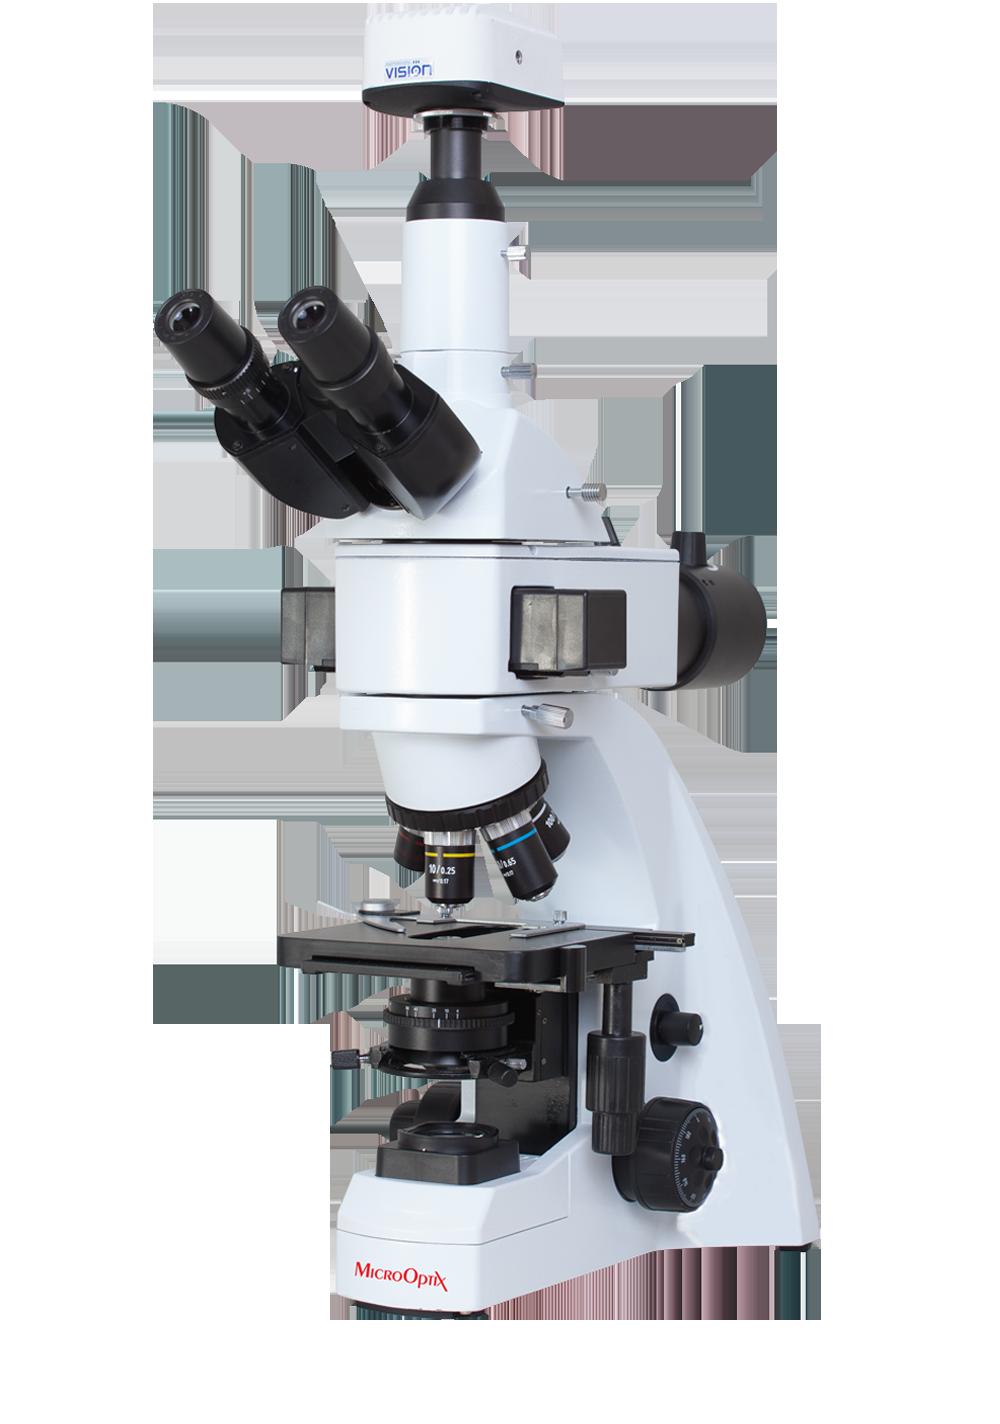 MX 300 (TF LED) Fluorescence microscope